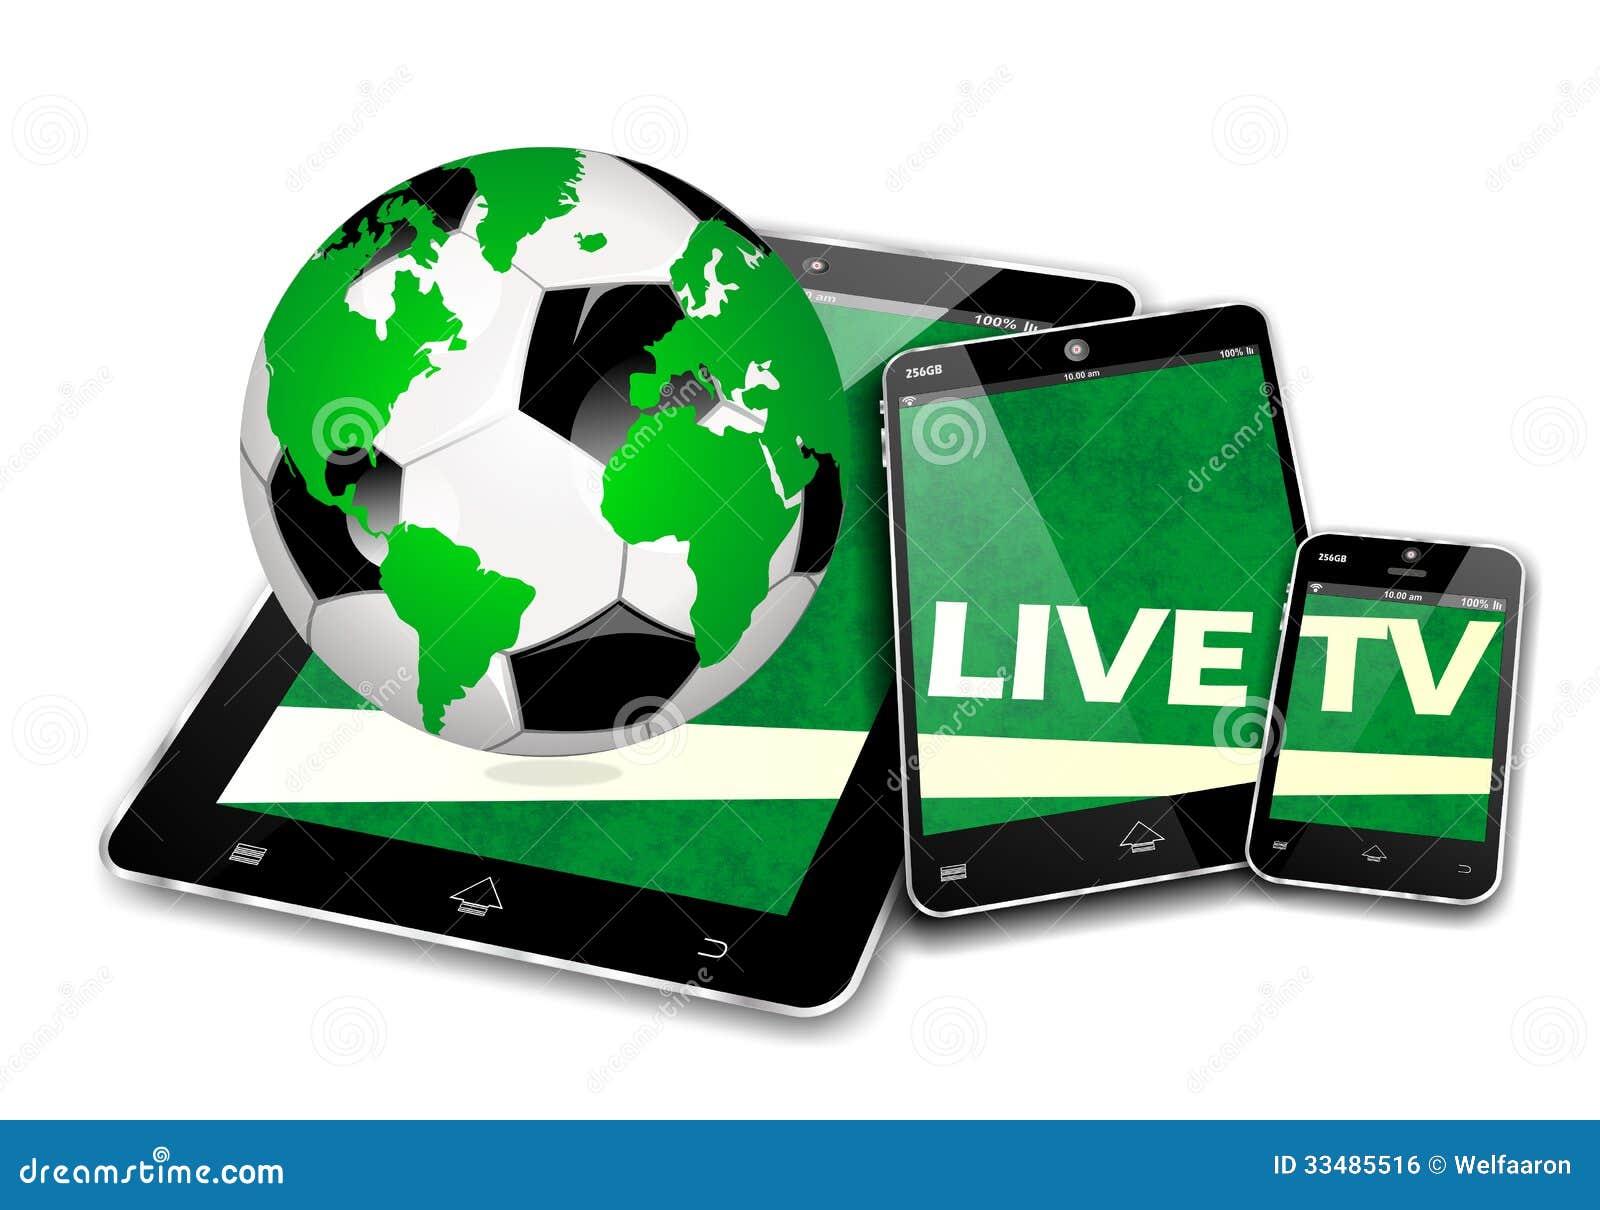 soccer tv live net